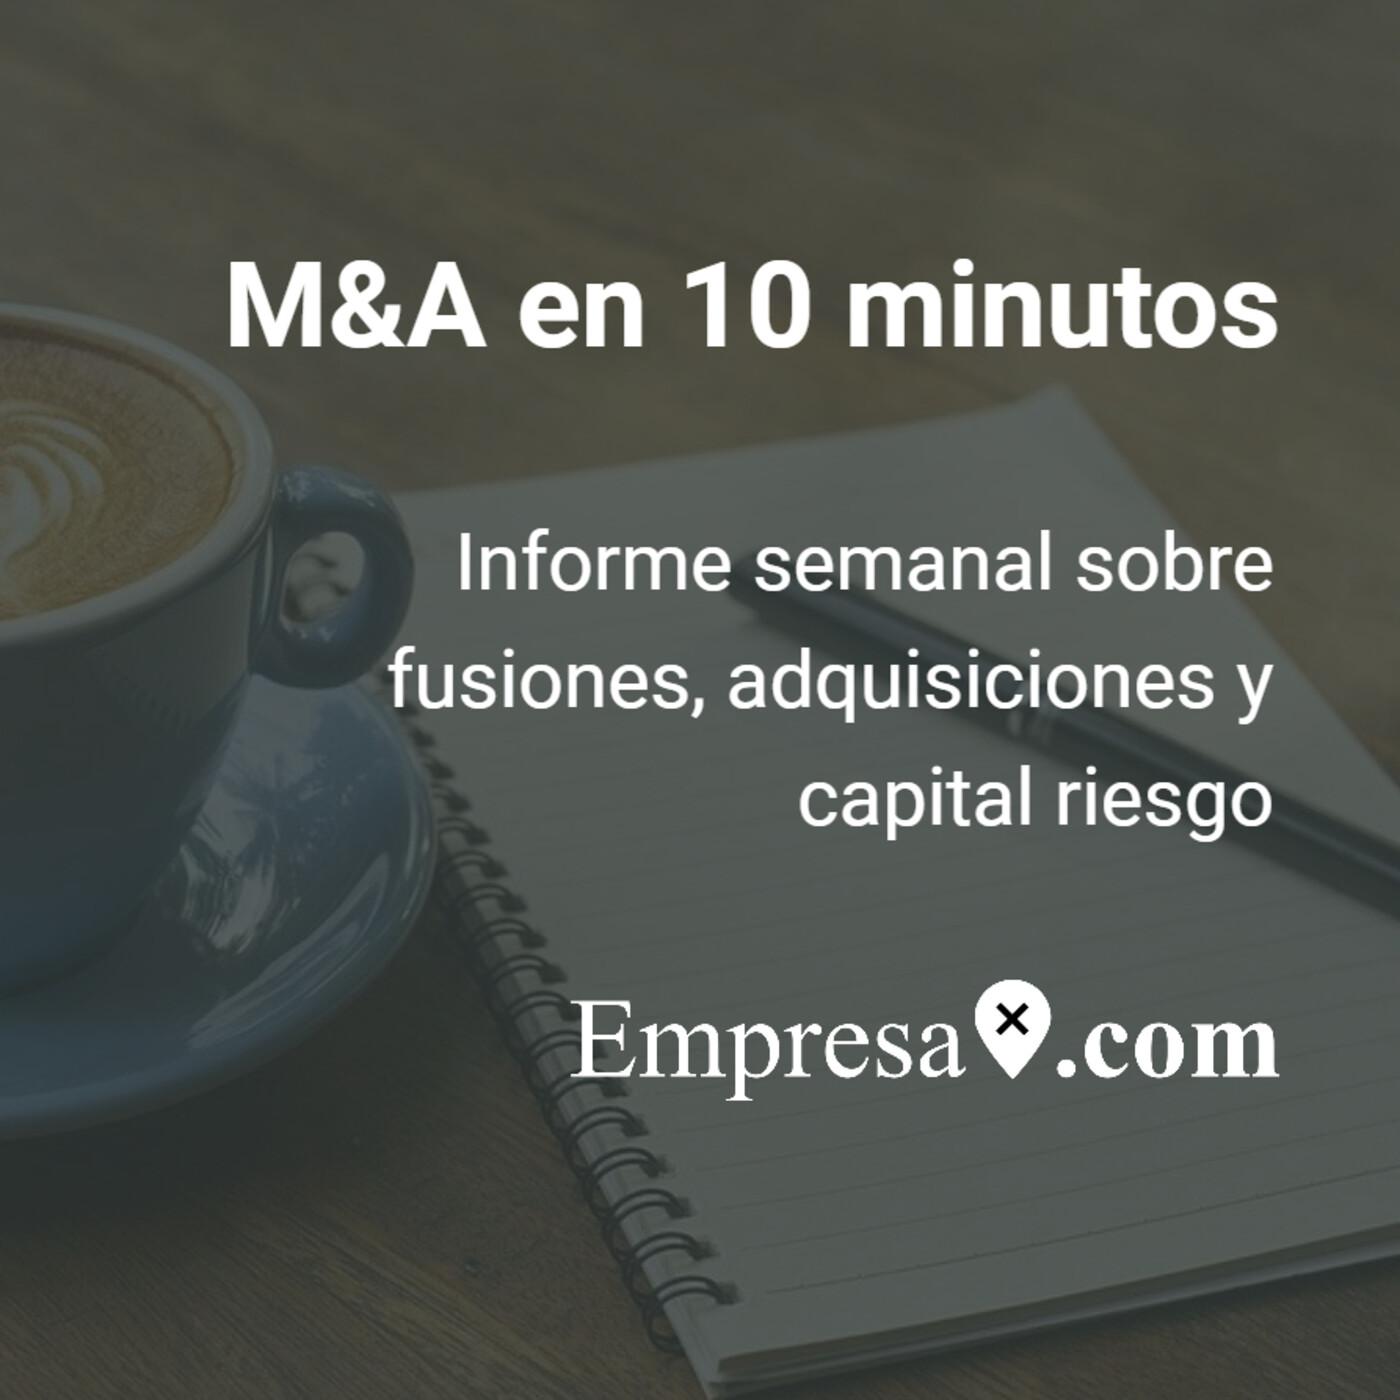 M&A en 10 minutos: Glovo, IMF Business School y Wallbox